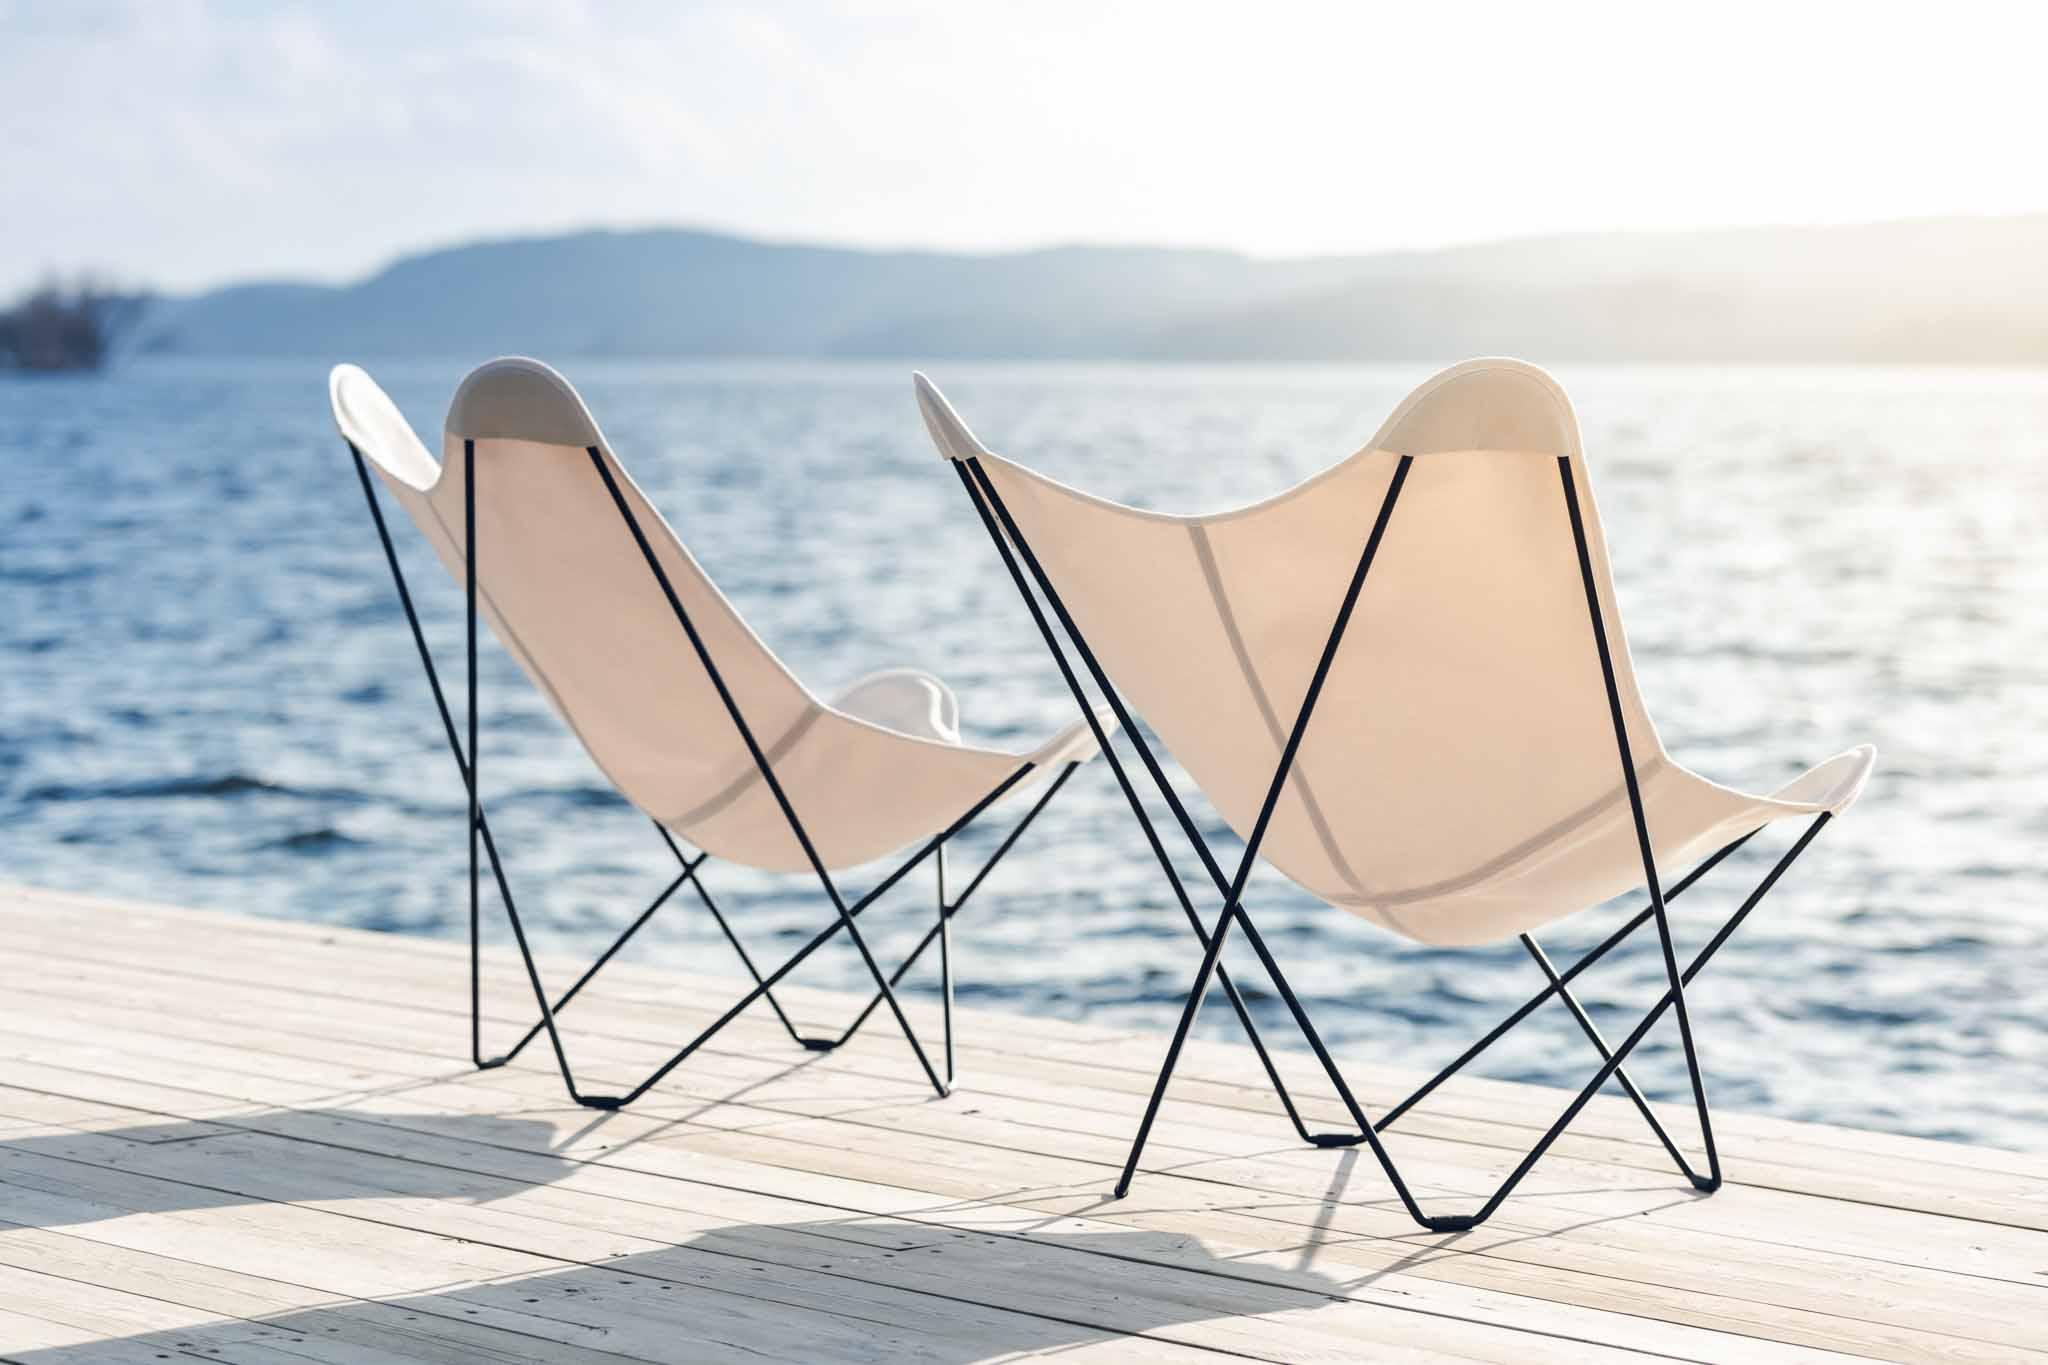 Silla Sunshine Mariposa de Cuero Design en Maxim Confort Mallorca